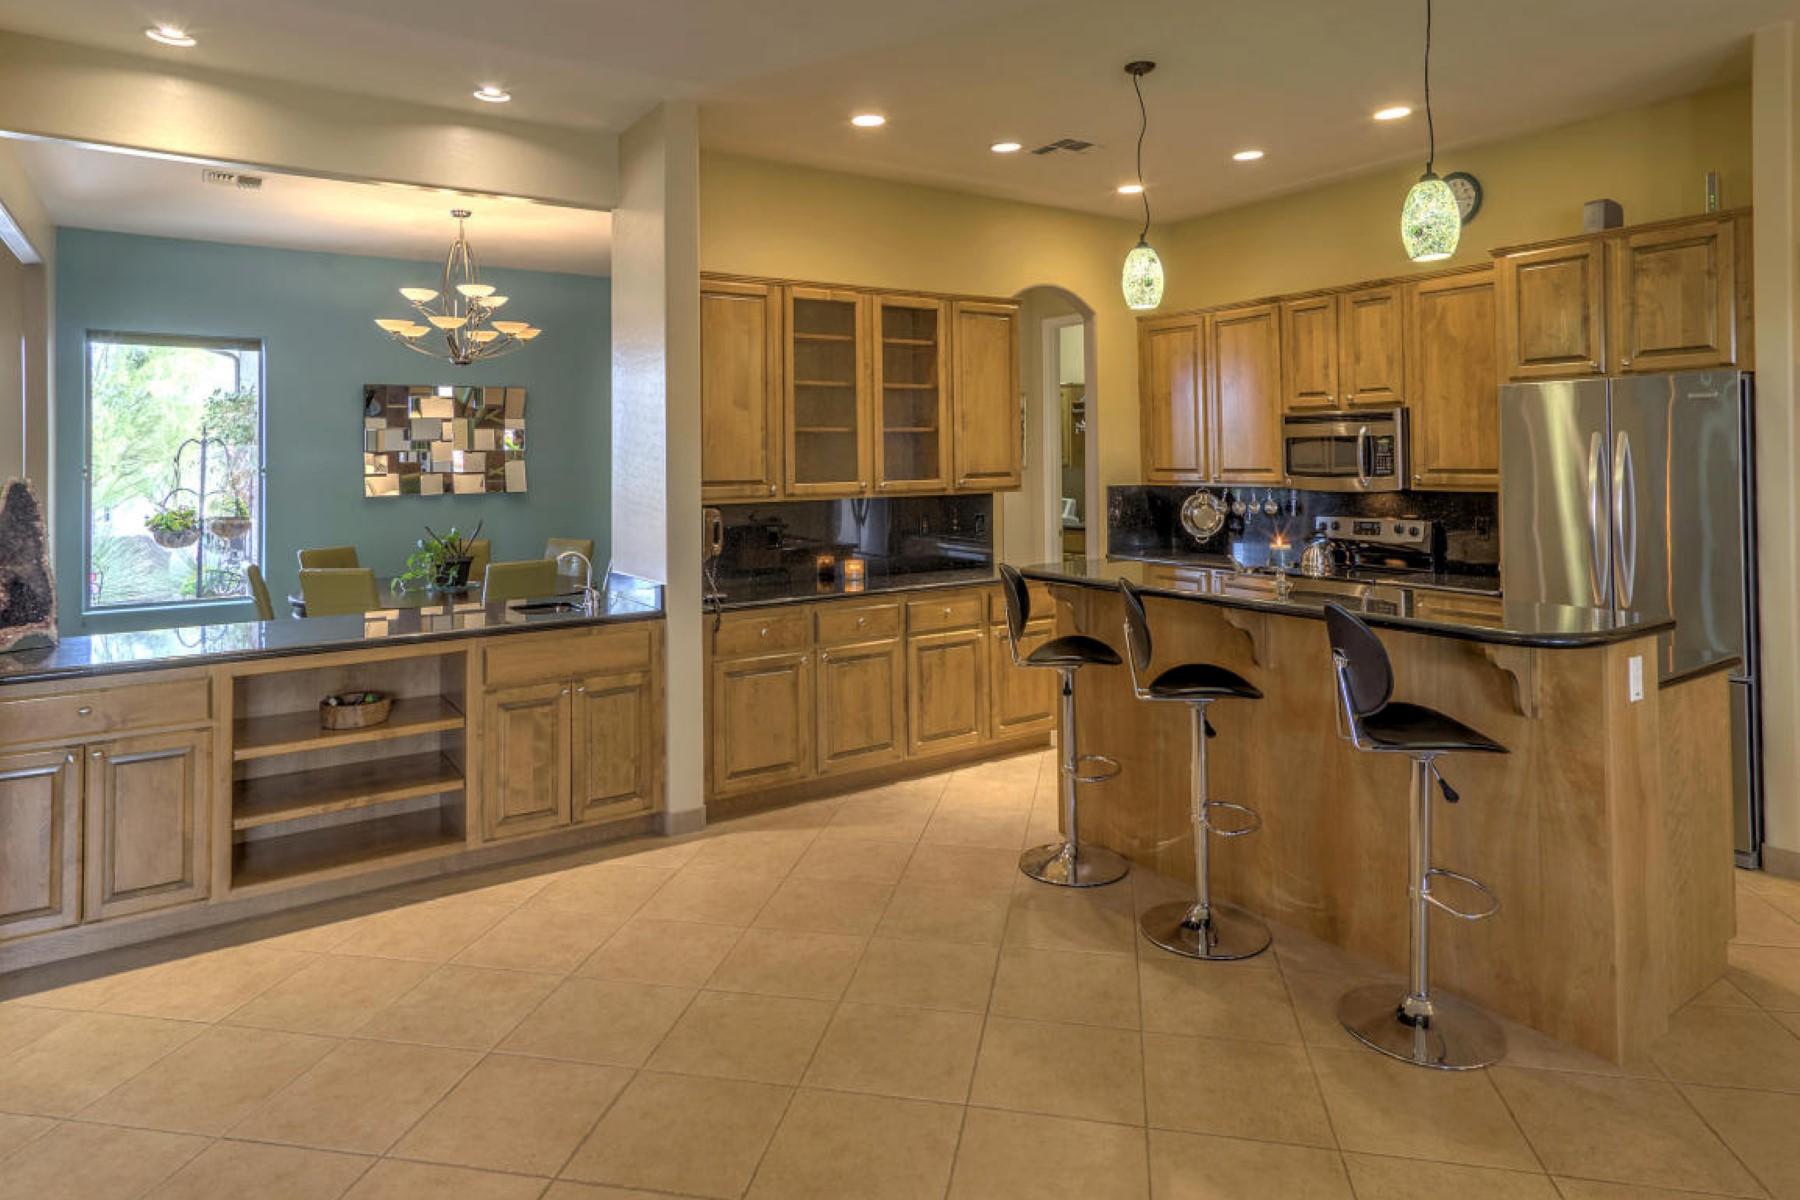 단독 가정 주택 용 매매 에 Spacious desert haven situated on over 1 acre. 29618 N 144TH WAY Scottsdale, 아리조나 85262 미국